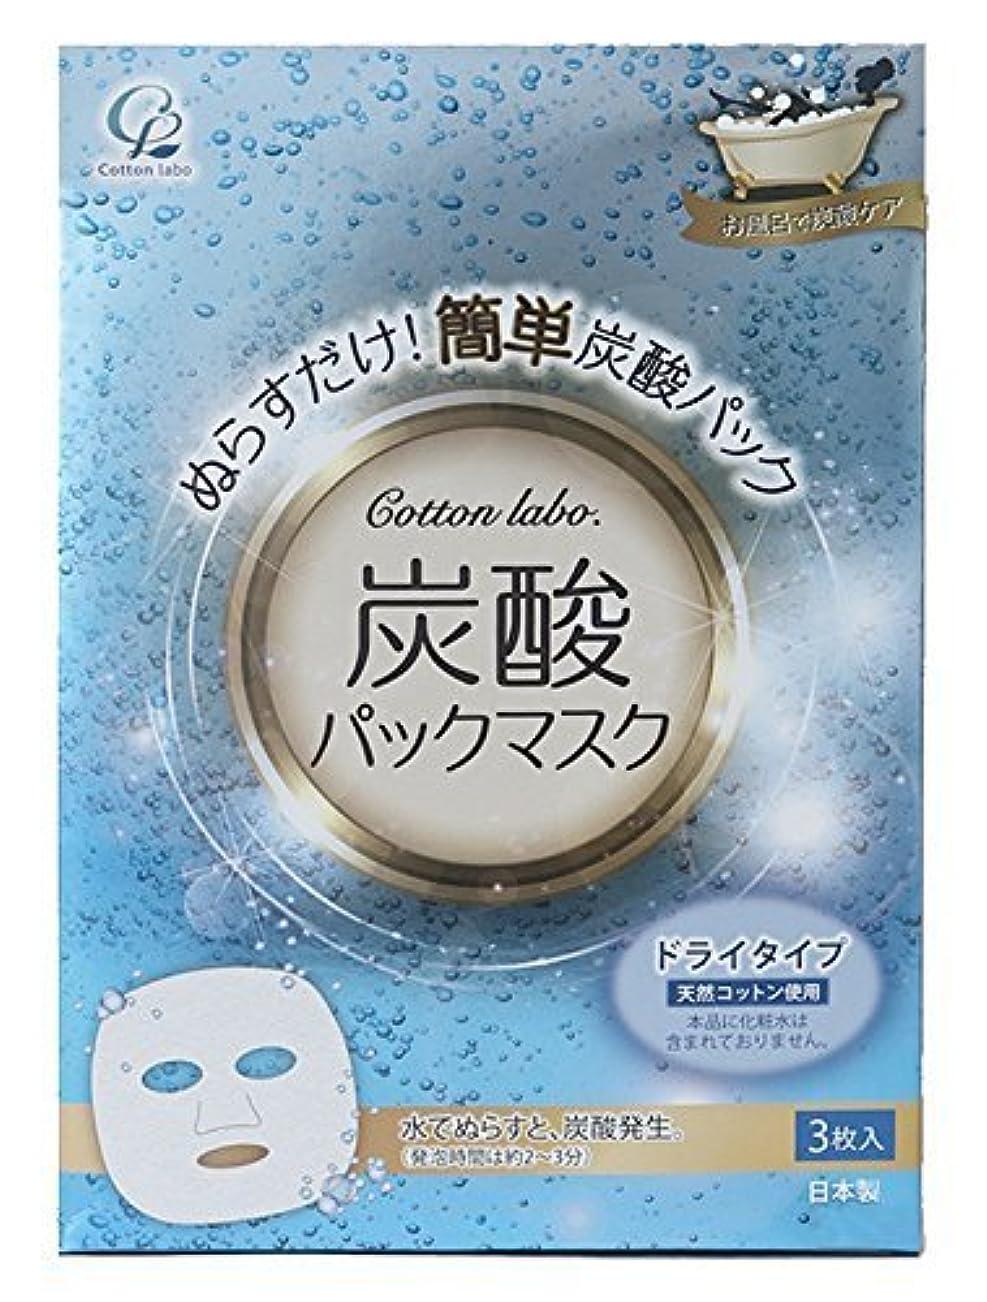 司法過半数サーバント皮膚を清浄にし 肌にはりと潤いを与える お風呂で炭酸ケア 天然コットン 炭酸パックマスク 3枚 80入り(240枚)